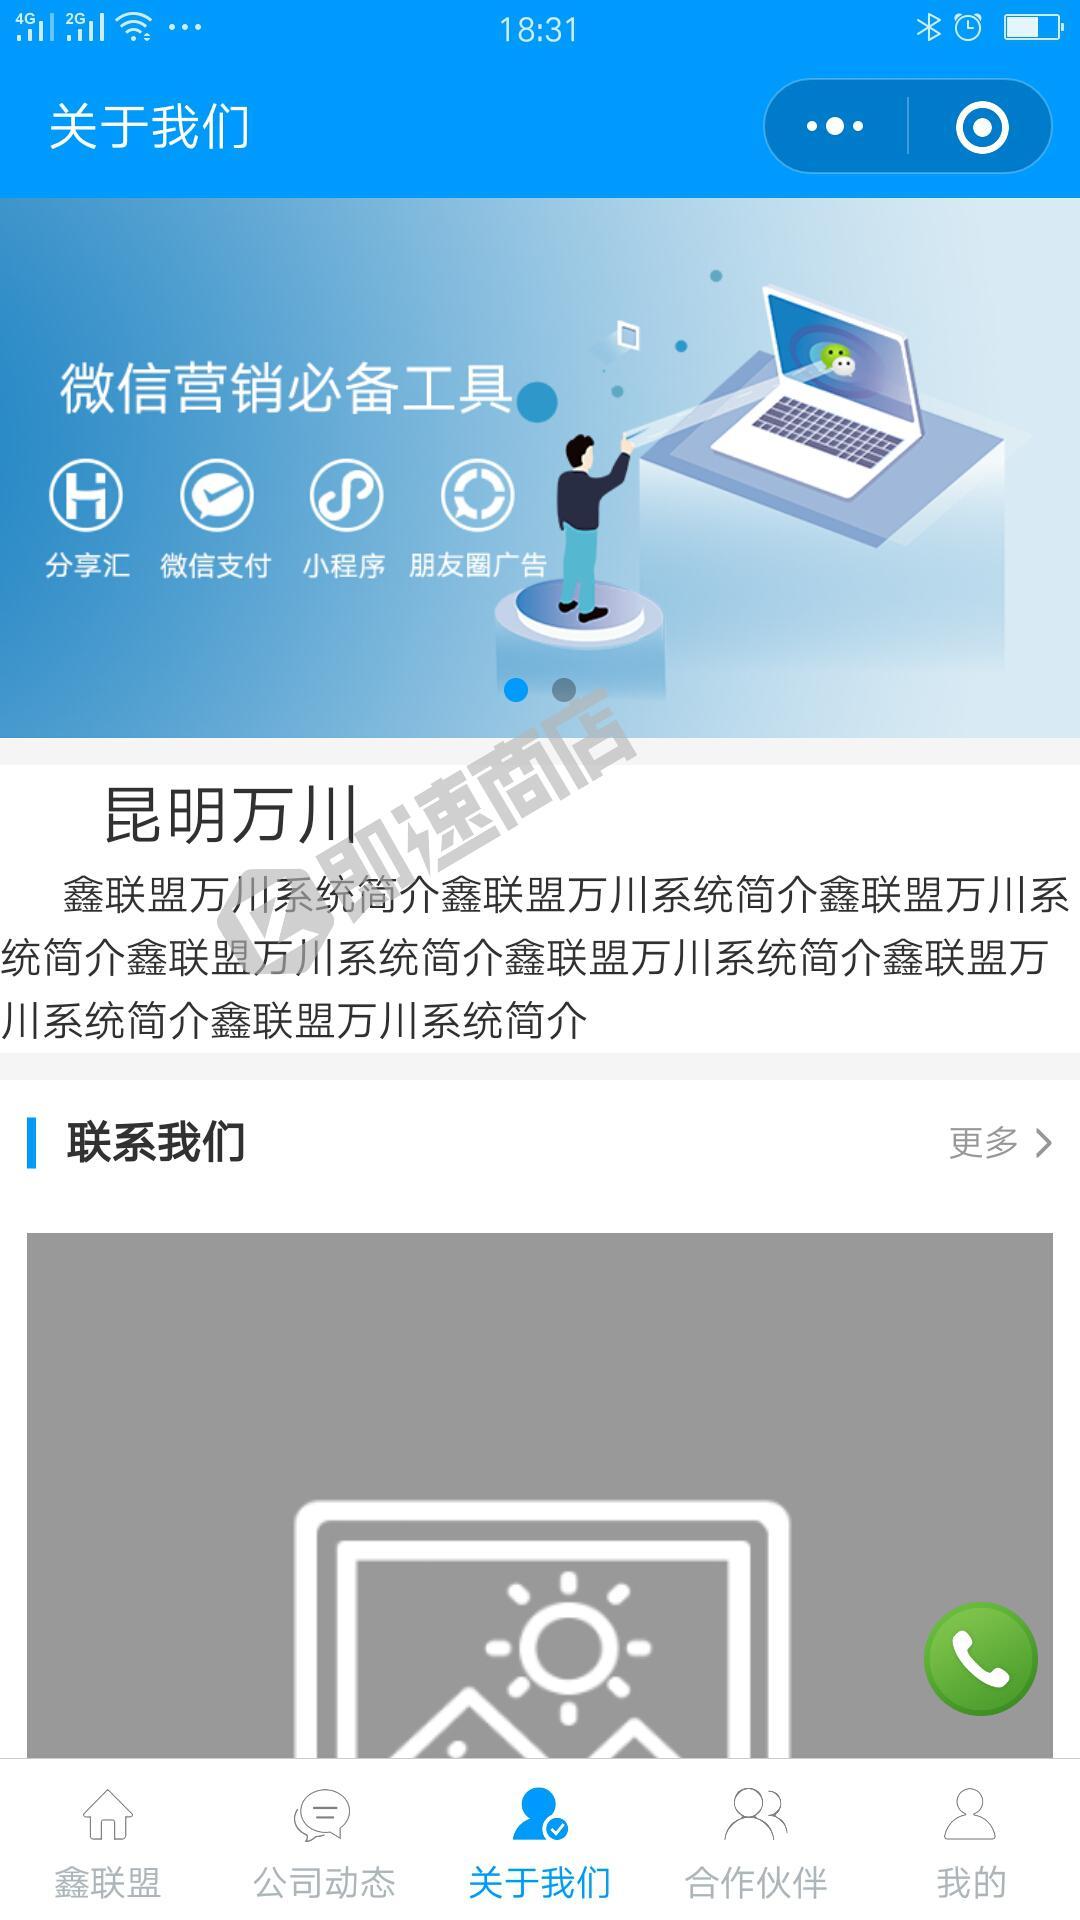 鑫联盟万川系统小程序详情页截图1